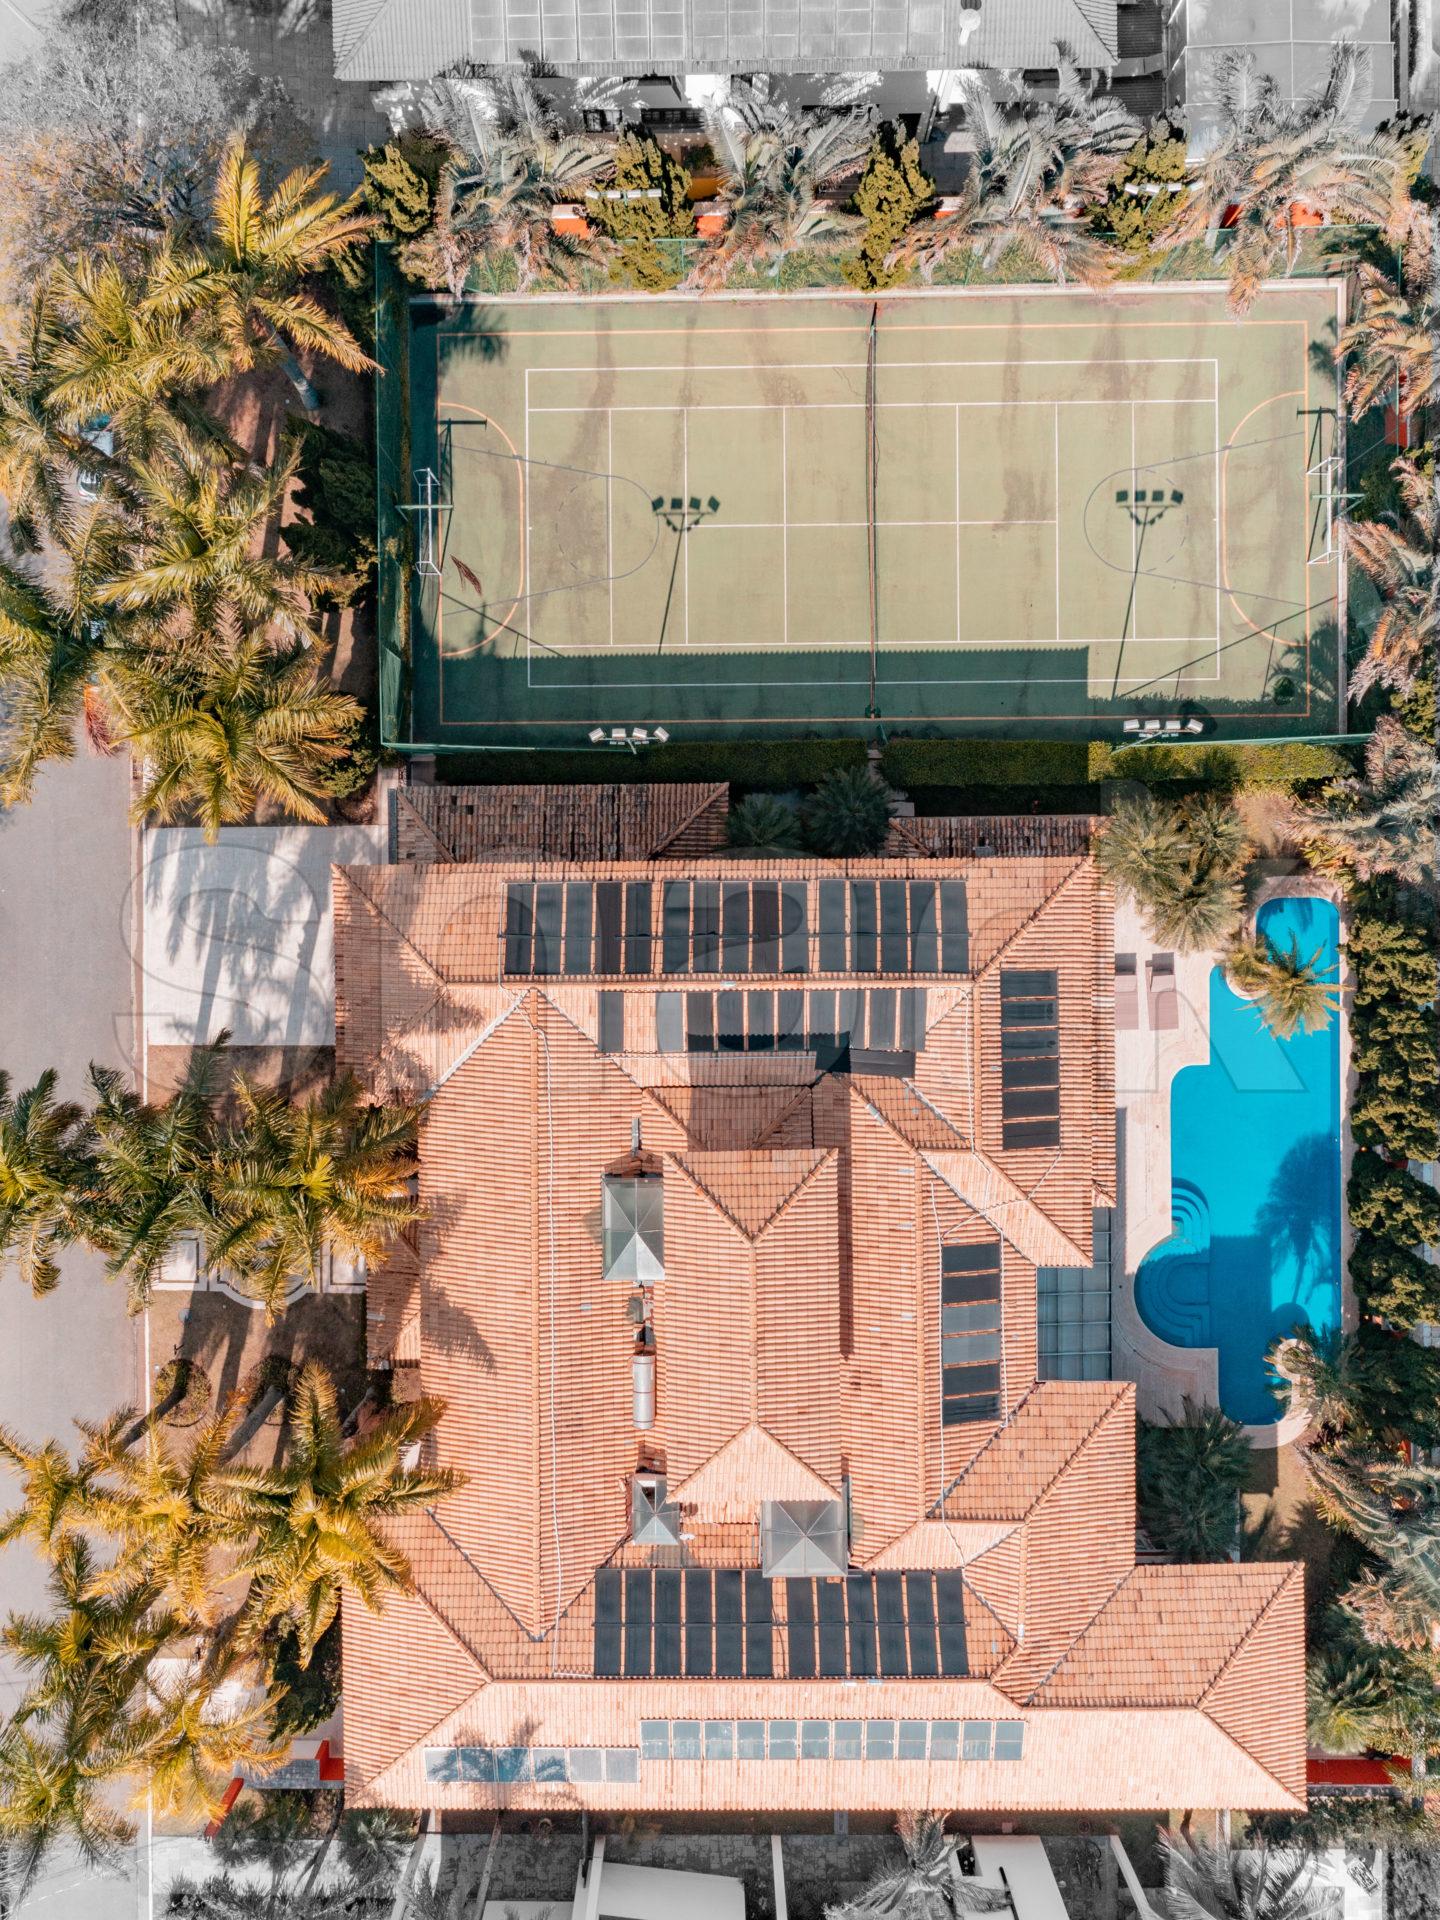 Foto aérea da mansão que já foi de Zezé di Camargo e Zilu